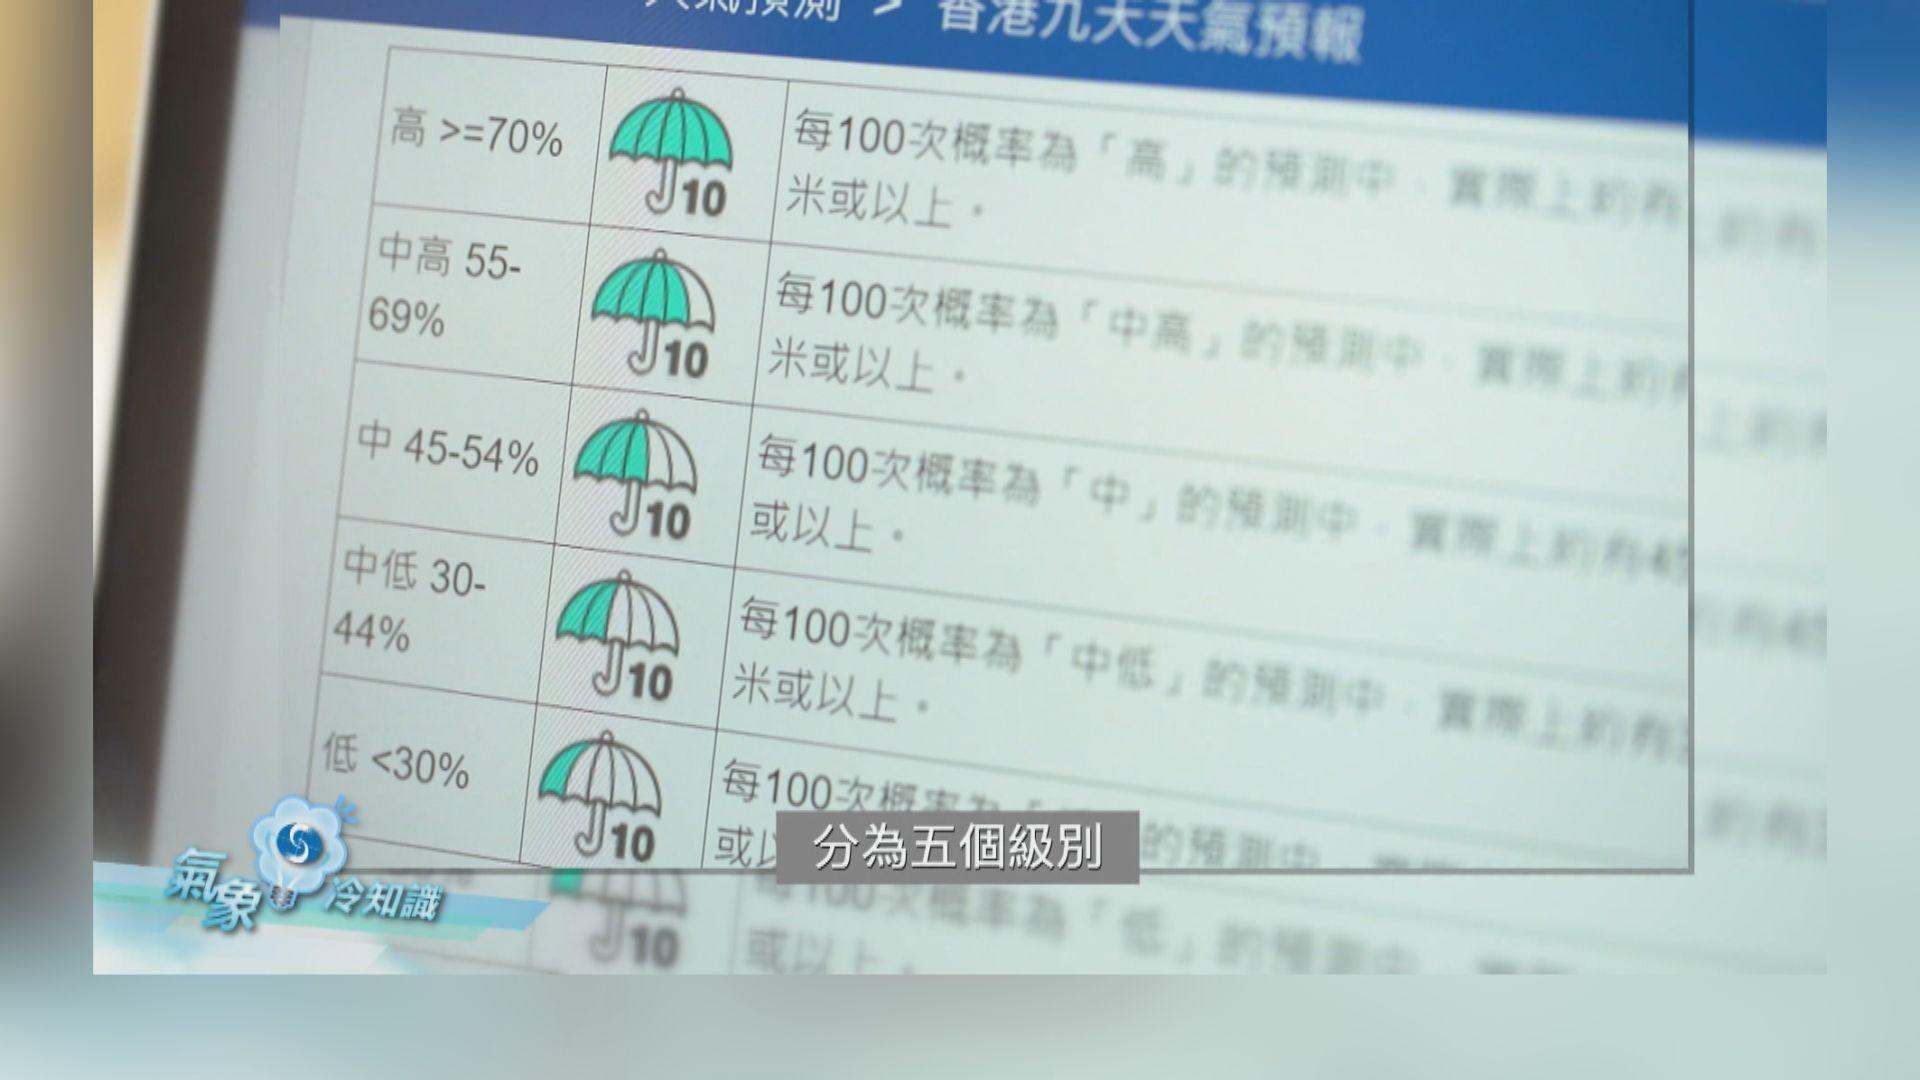 【氣象冷知識】顯著降雨概率(上)